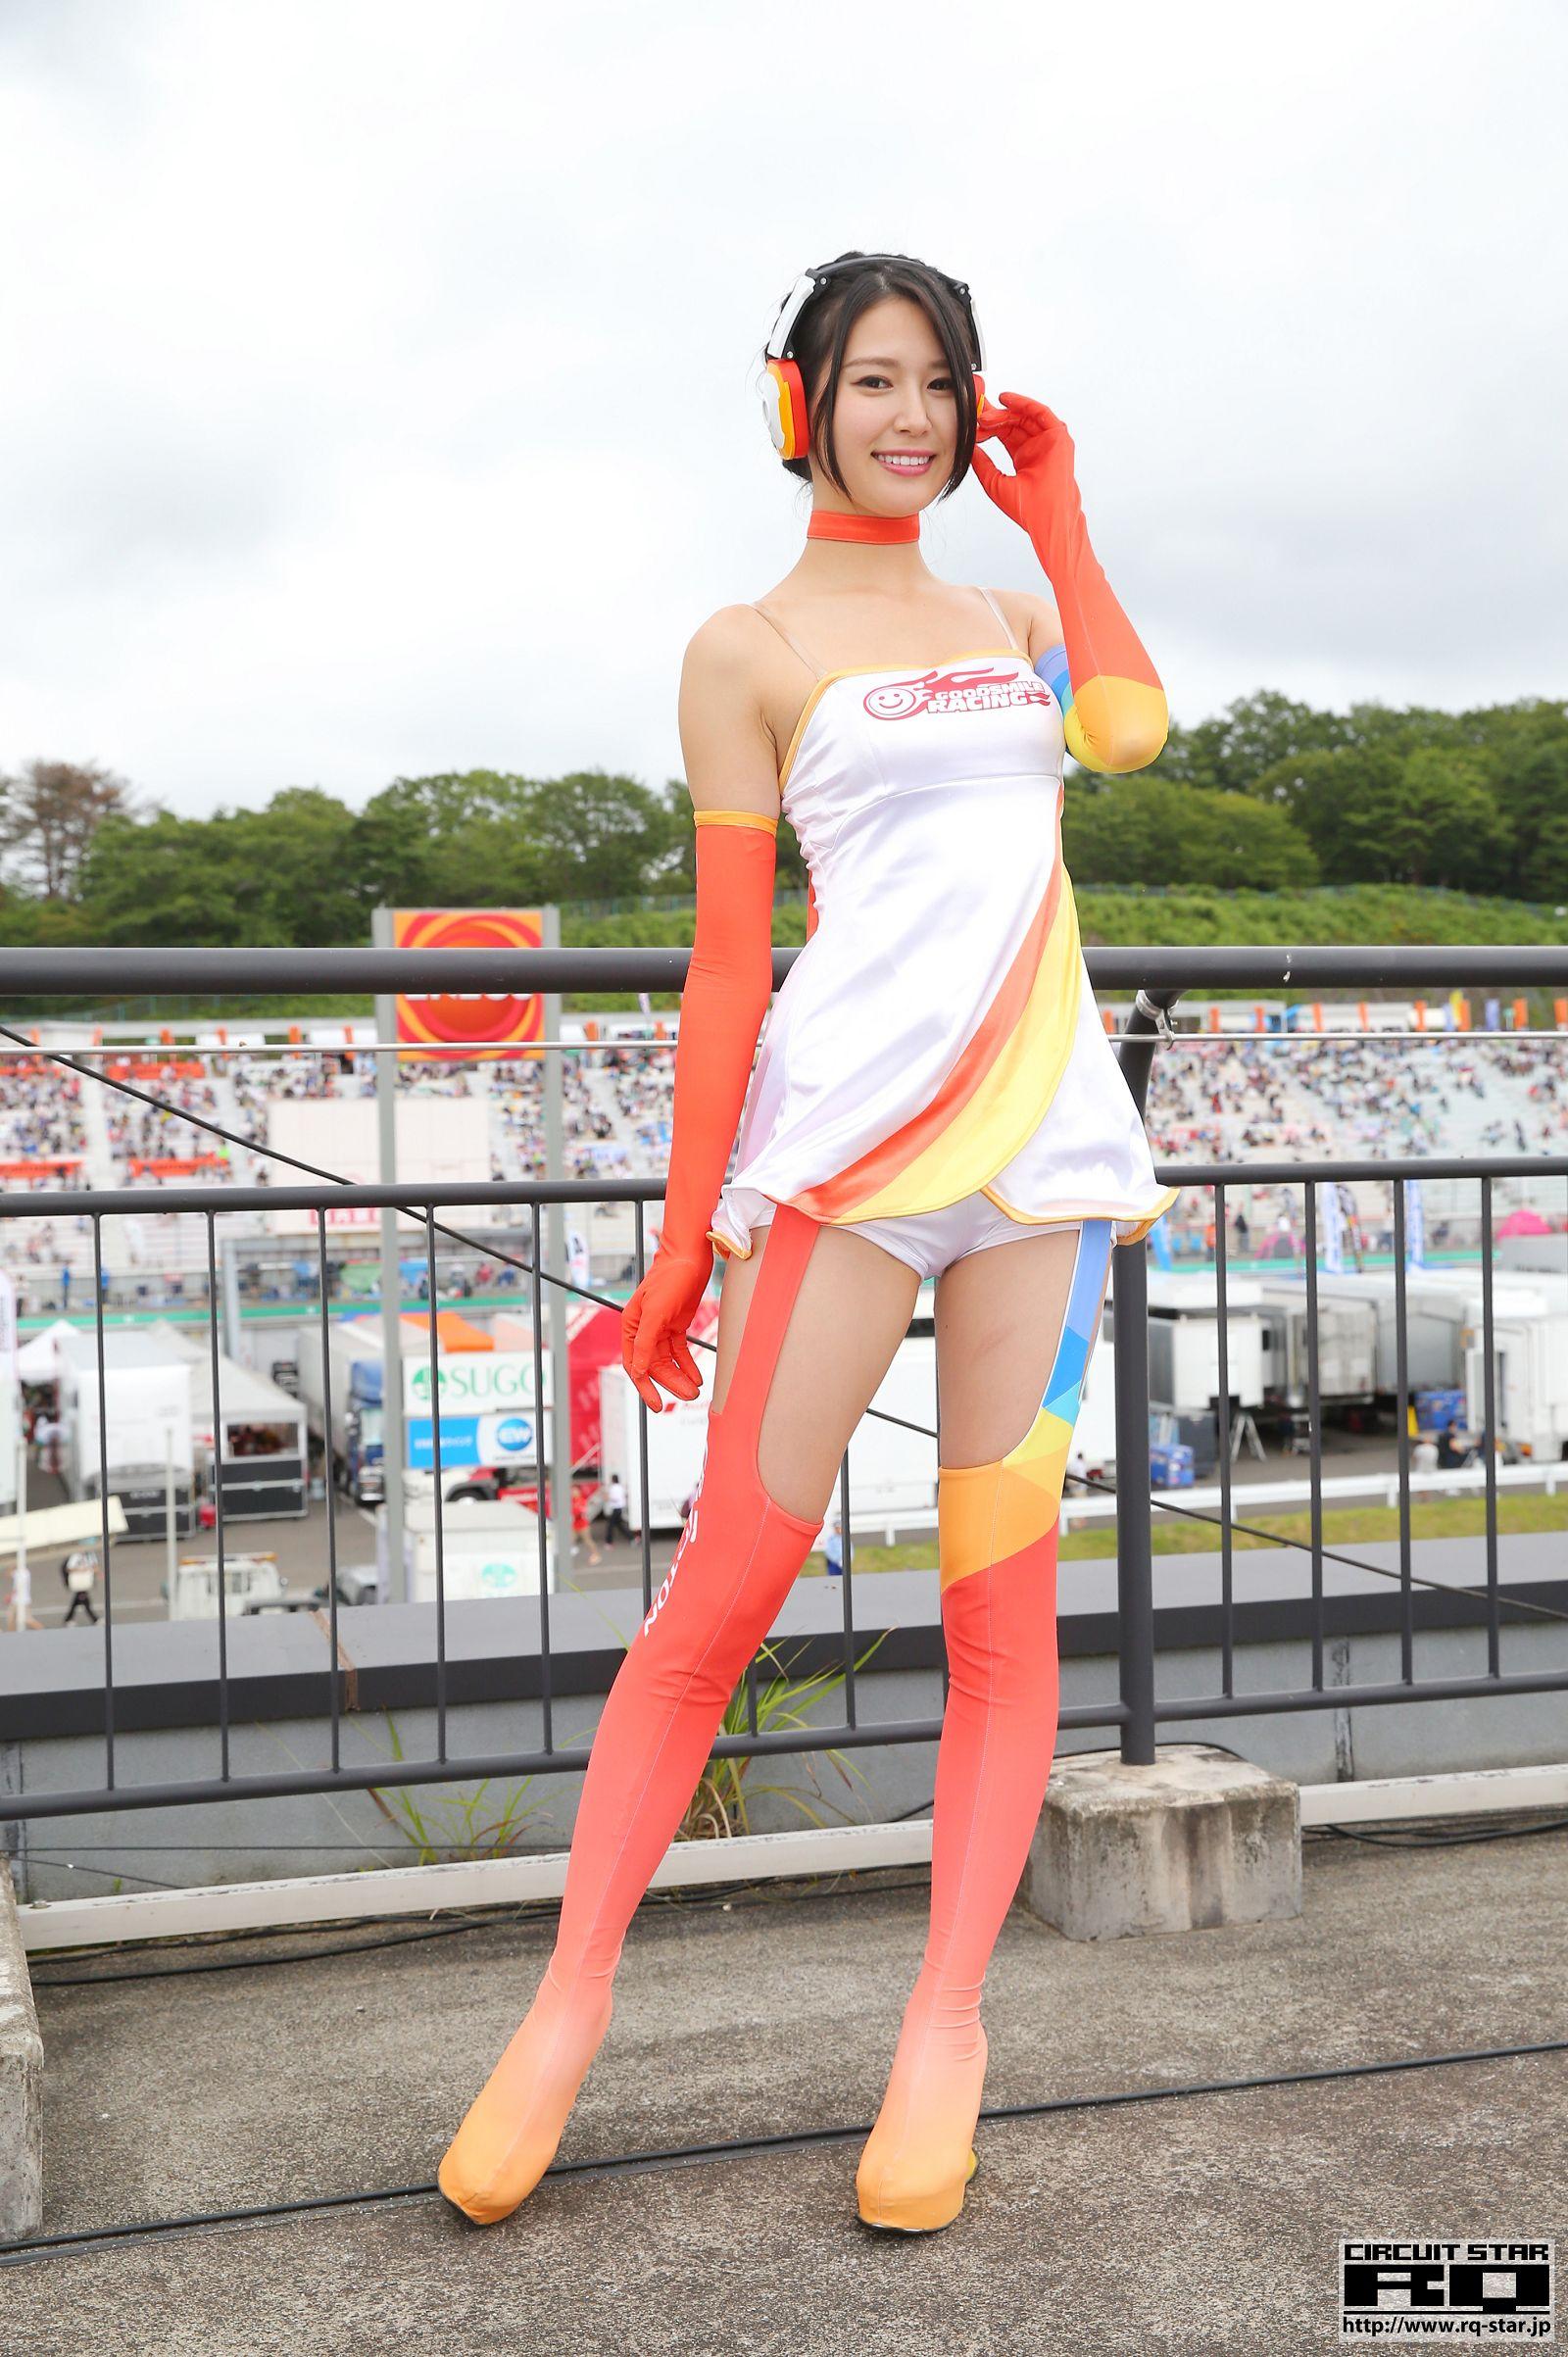 [RQ STAR美女] 2018.04.27 Tsukasa Arai 荒井つかさ Race Queen[35P] RQ STAR 第4张